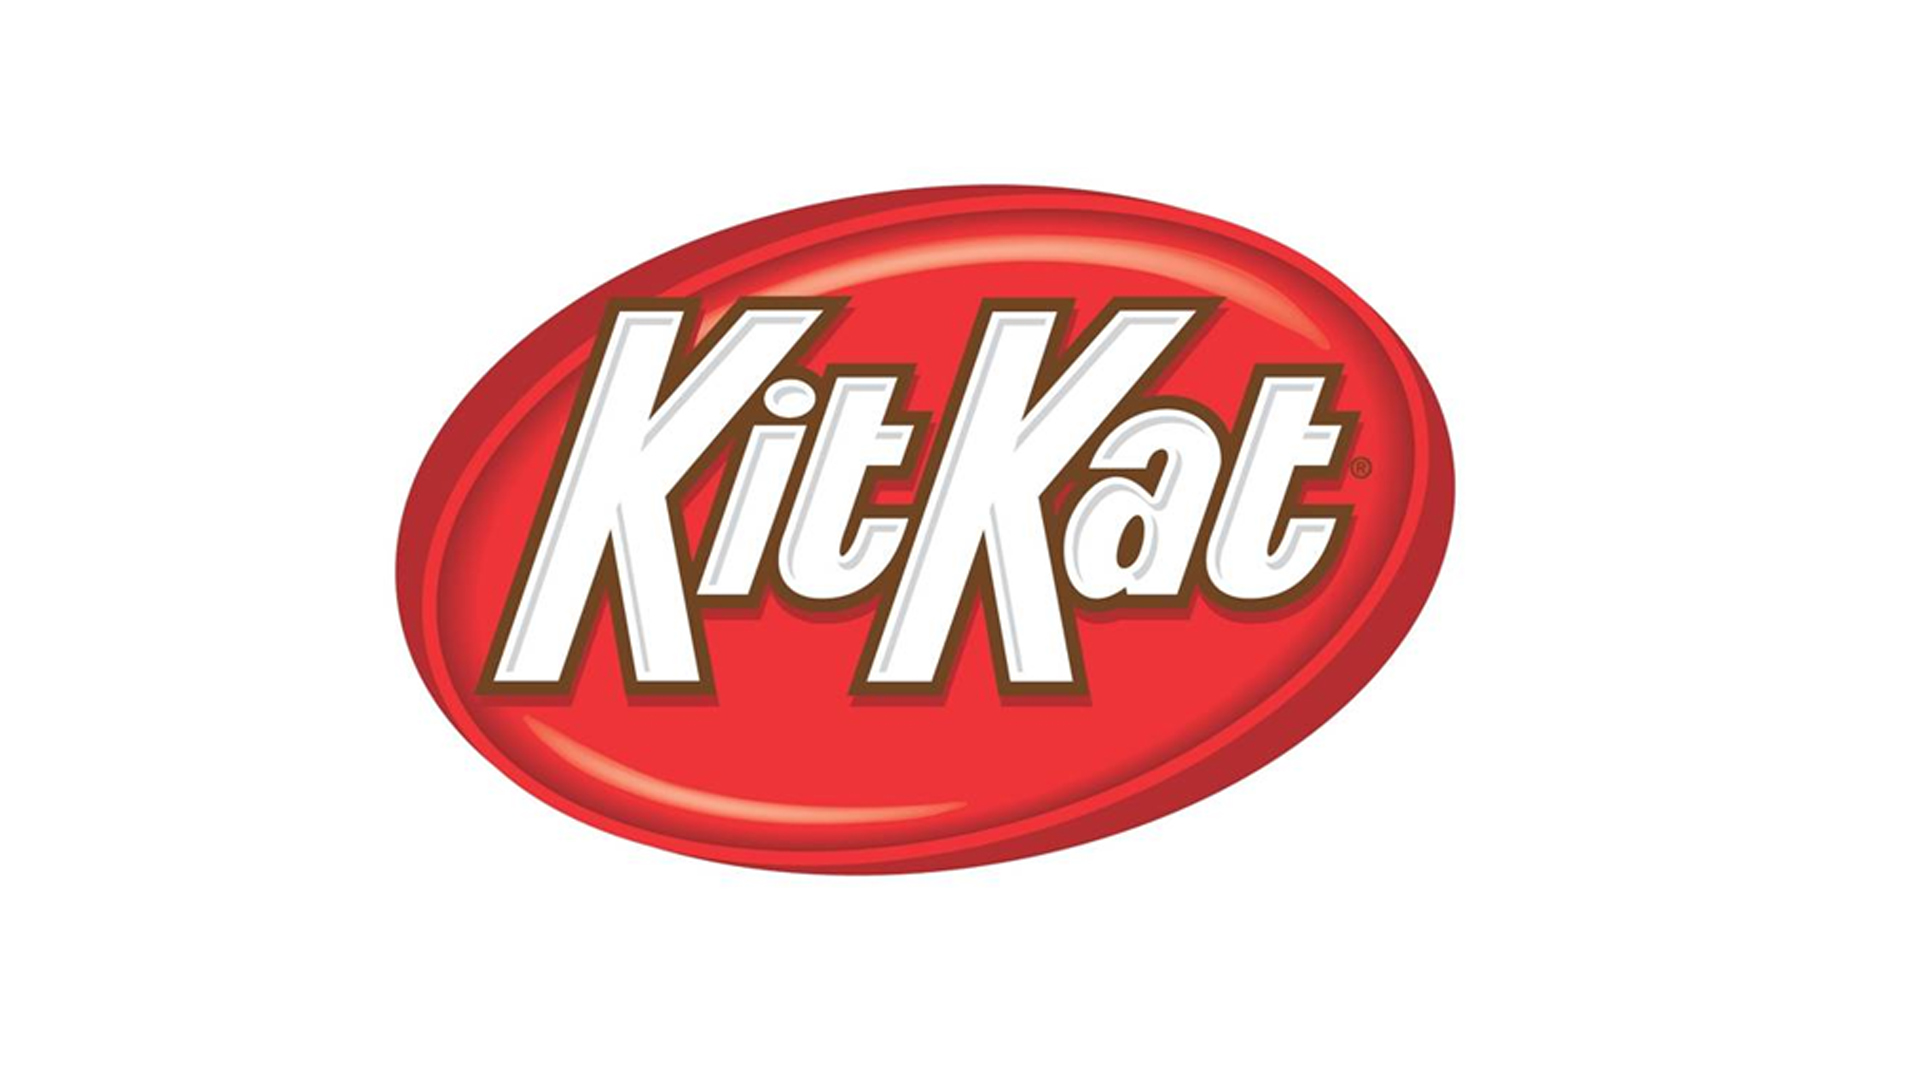 Meaning Kit Kat logo and symbol.